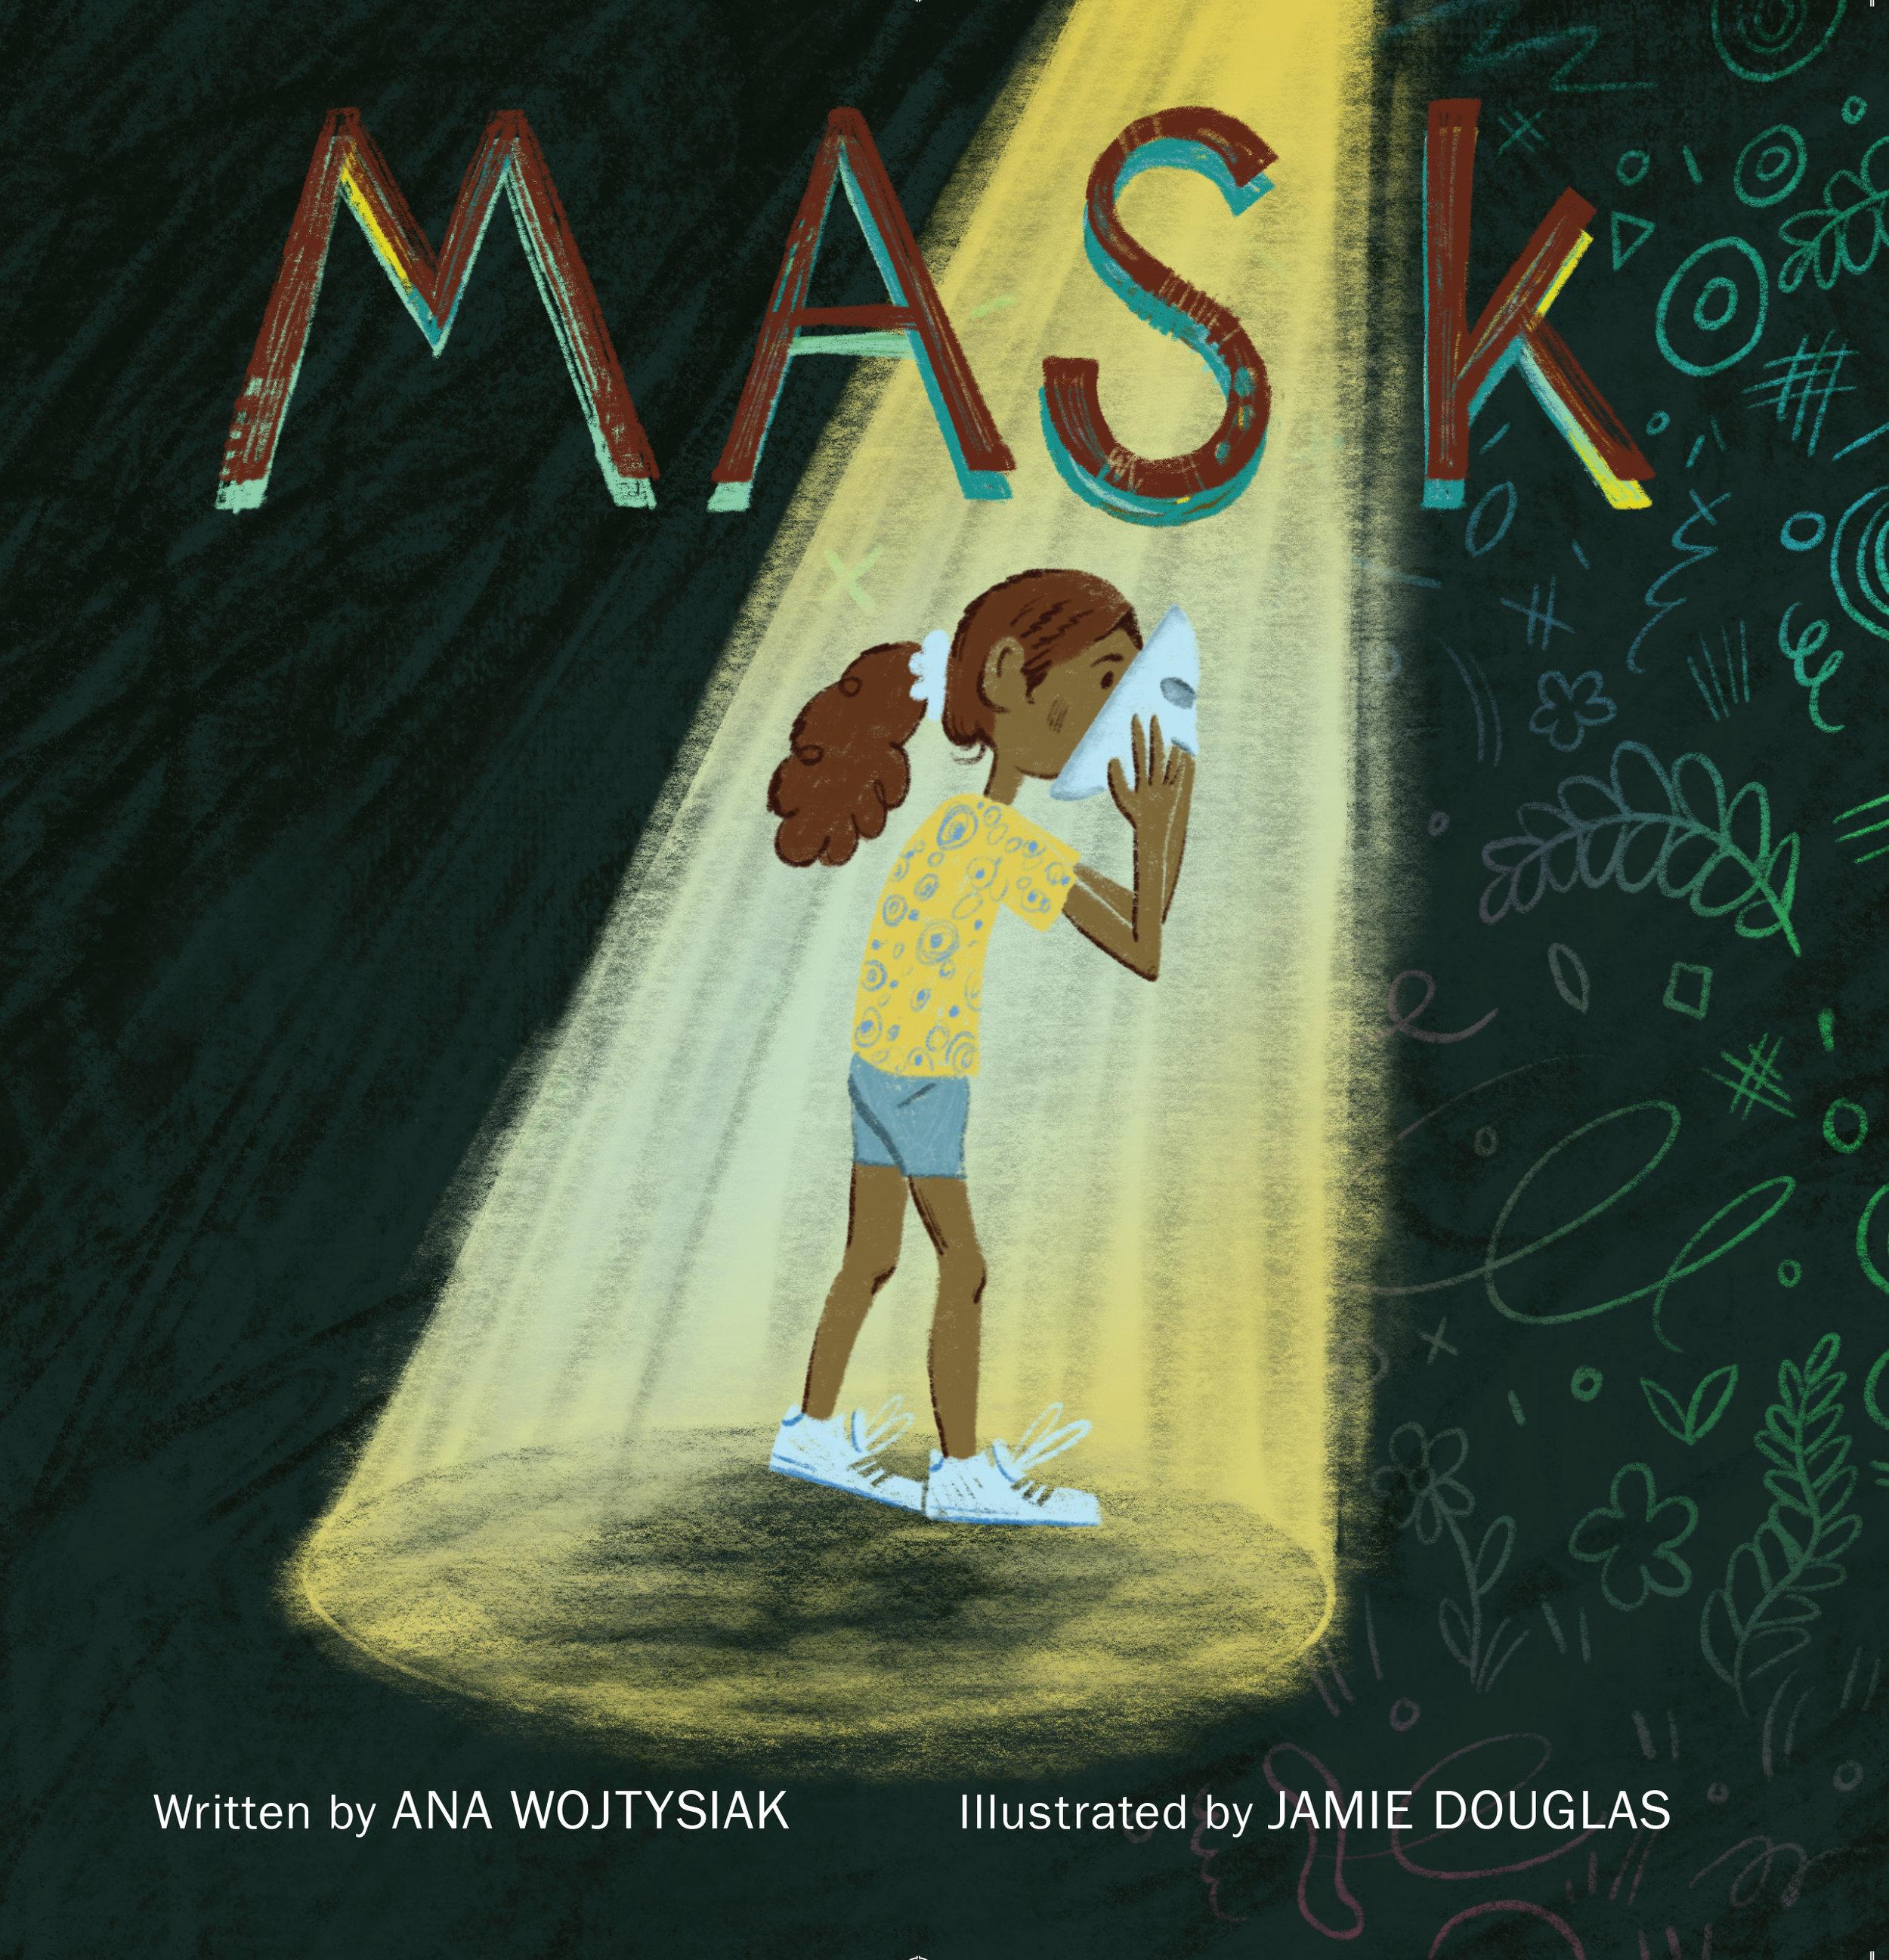 Mask / Ana Wojtysiak & Jamie Douglas